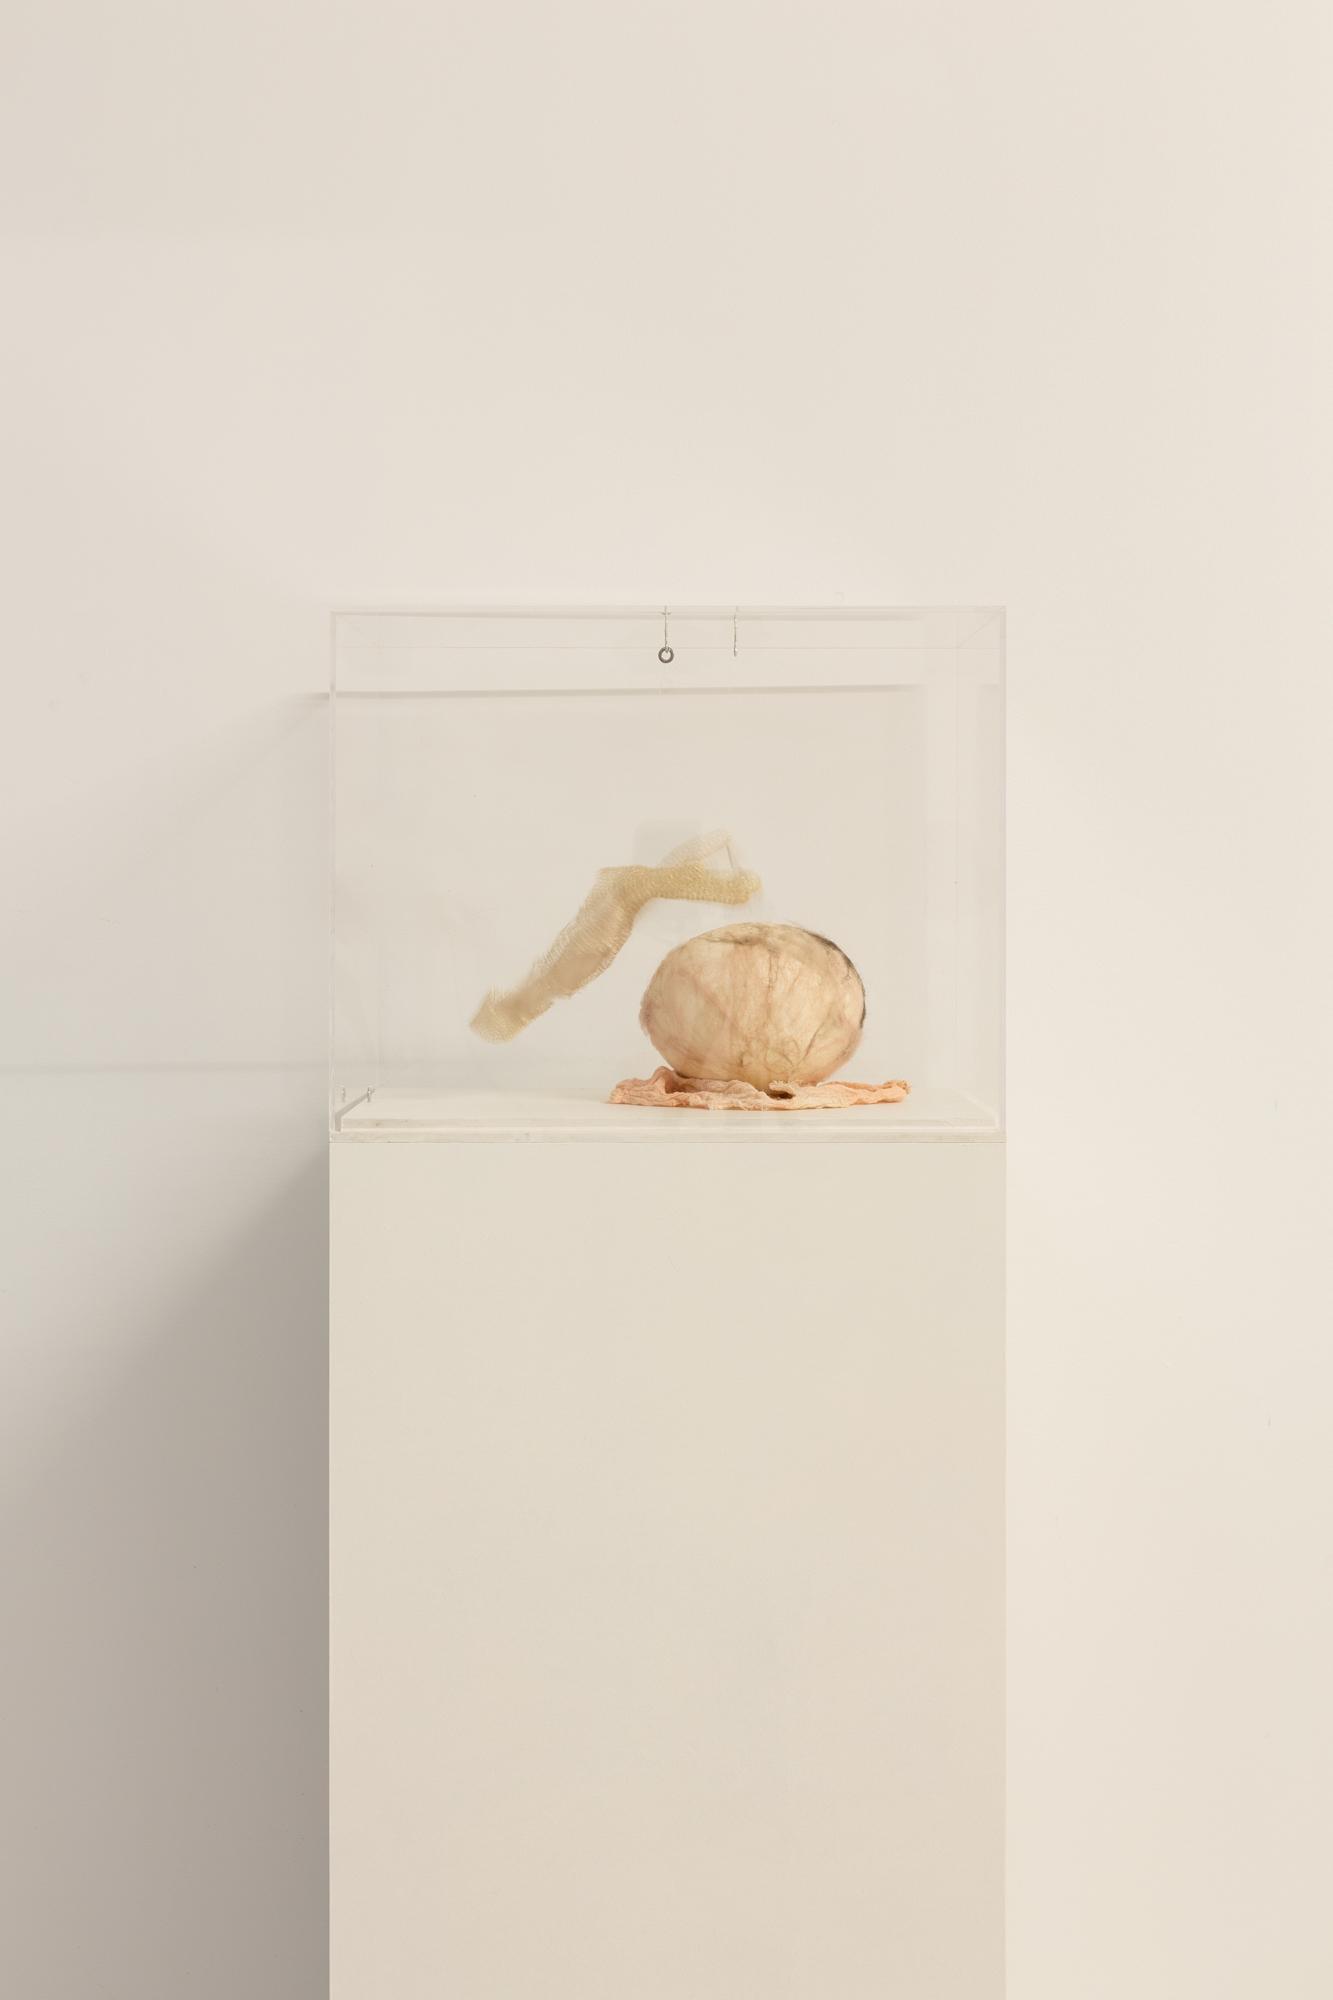 Julia Creuheras Holy Motors Galio, estaño, yeso, motor y chip. (30x20 cm) 2020